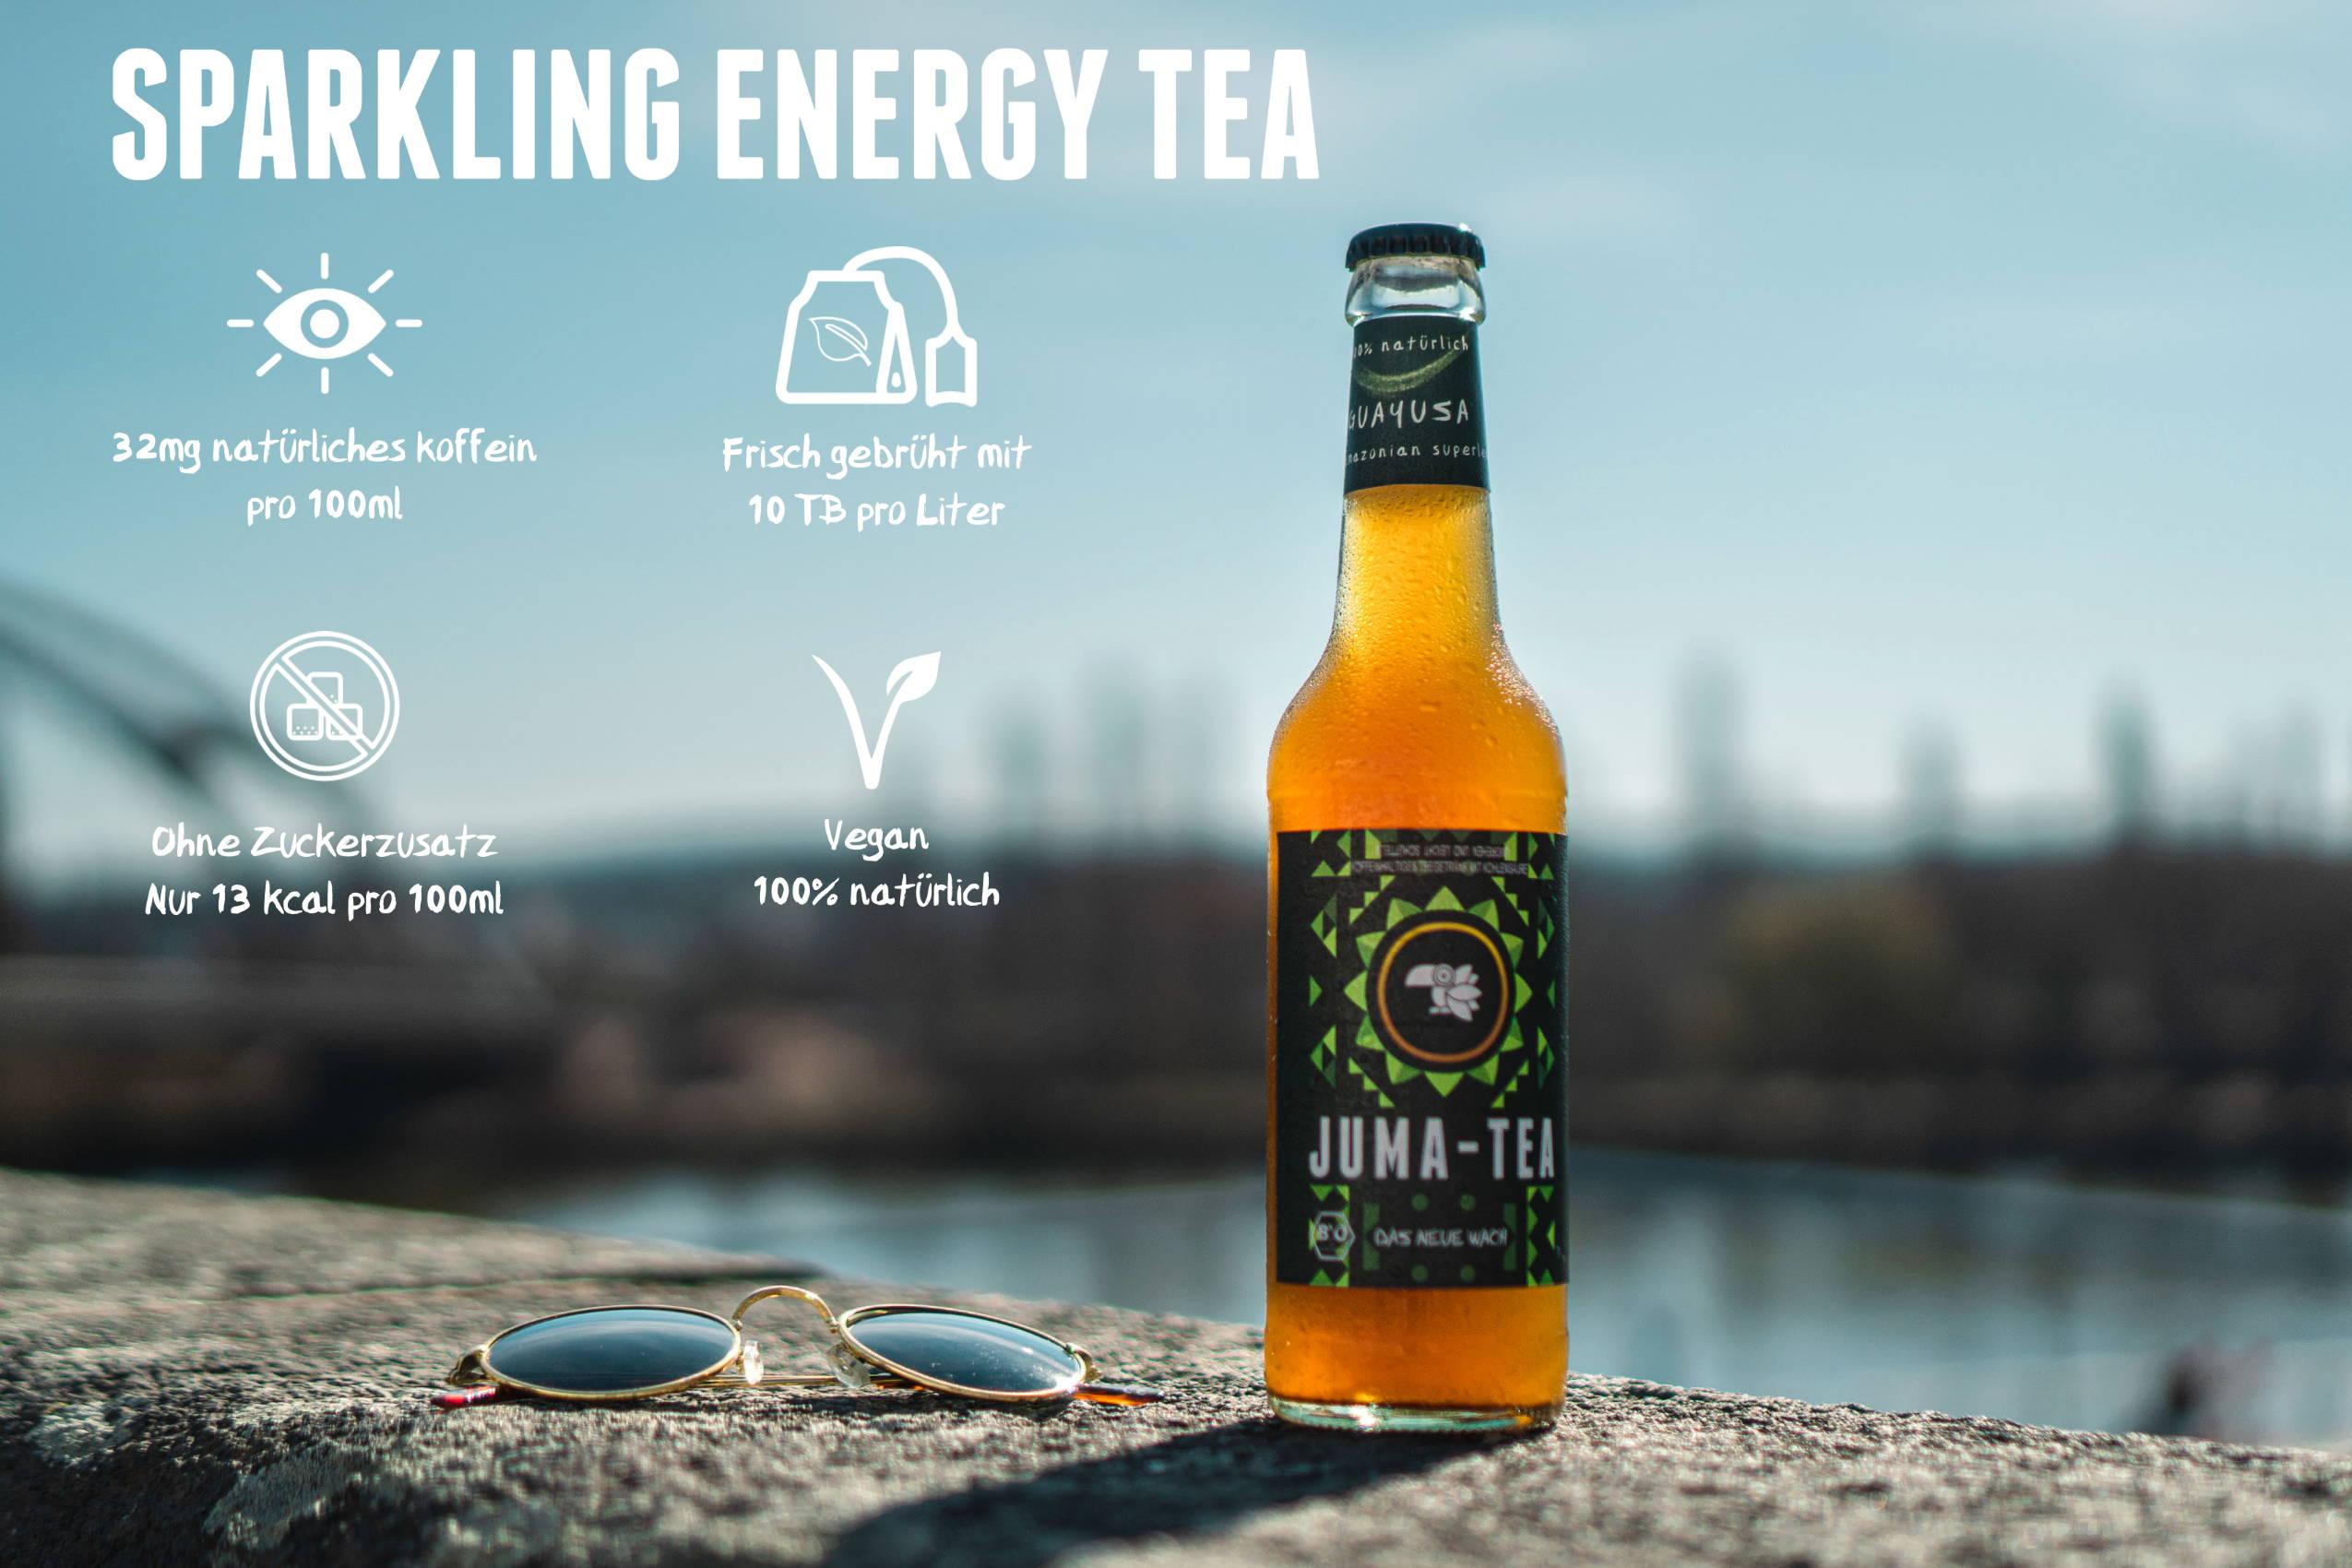 JUMA-TEA Guayusa Sparkling Cold Tea auf gelben Hintergrund